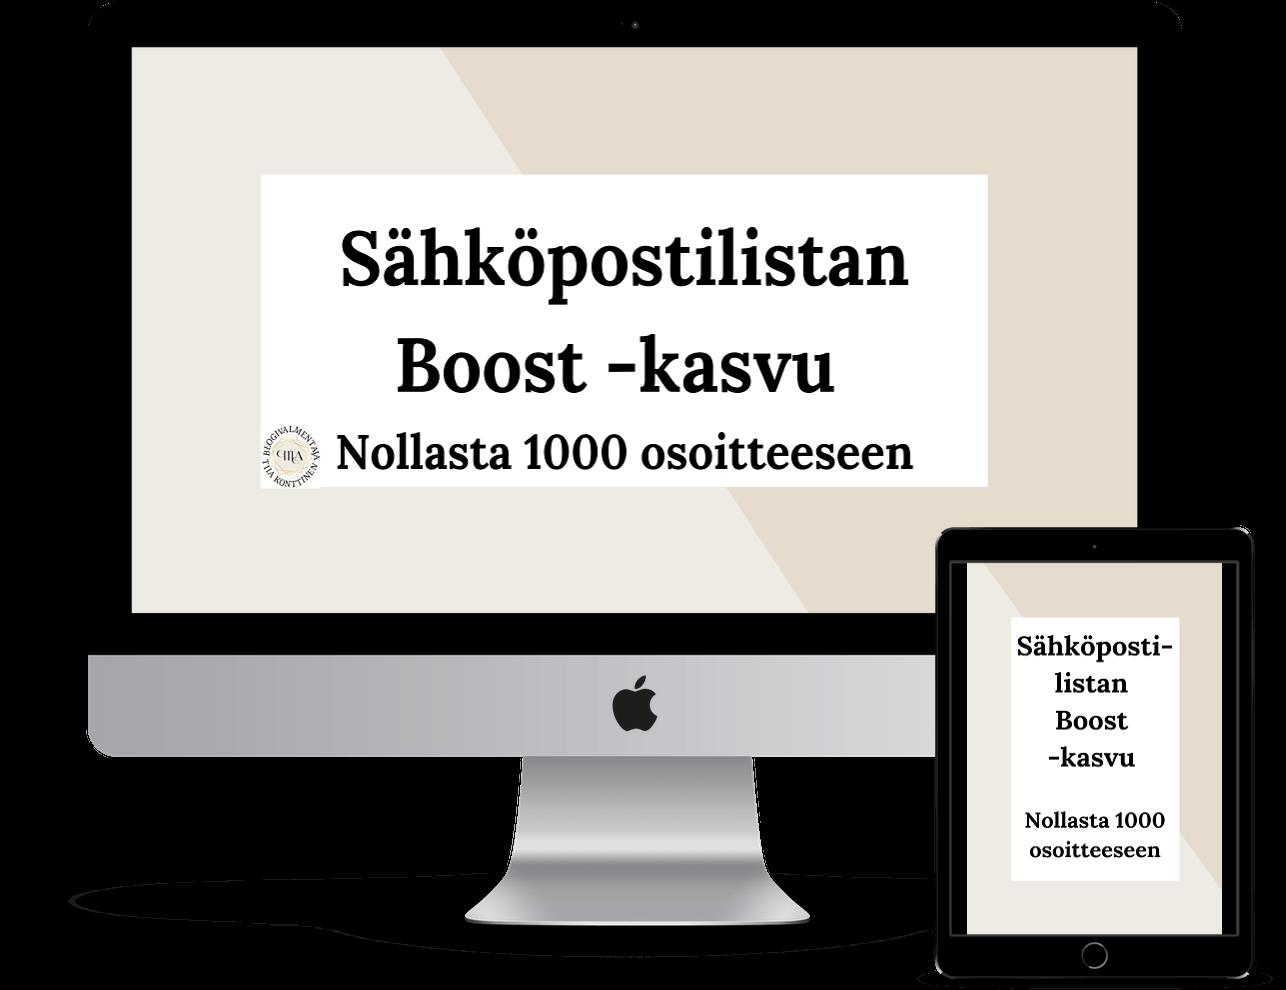 Sähköpostilistan Boost -kasvu (nollasta 1000 osoitteeseen)